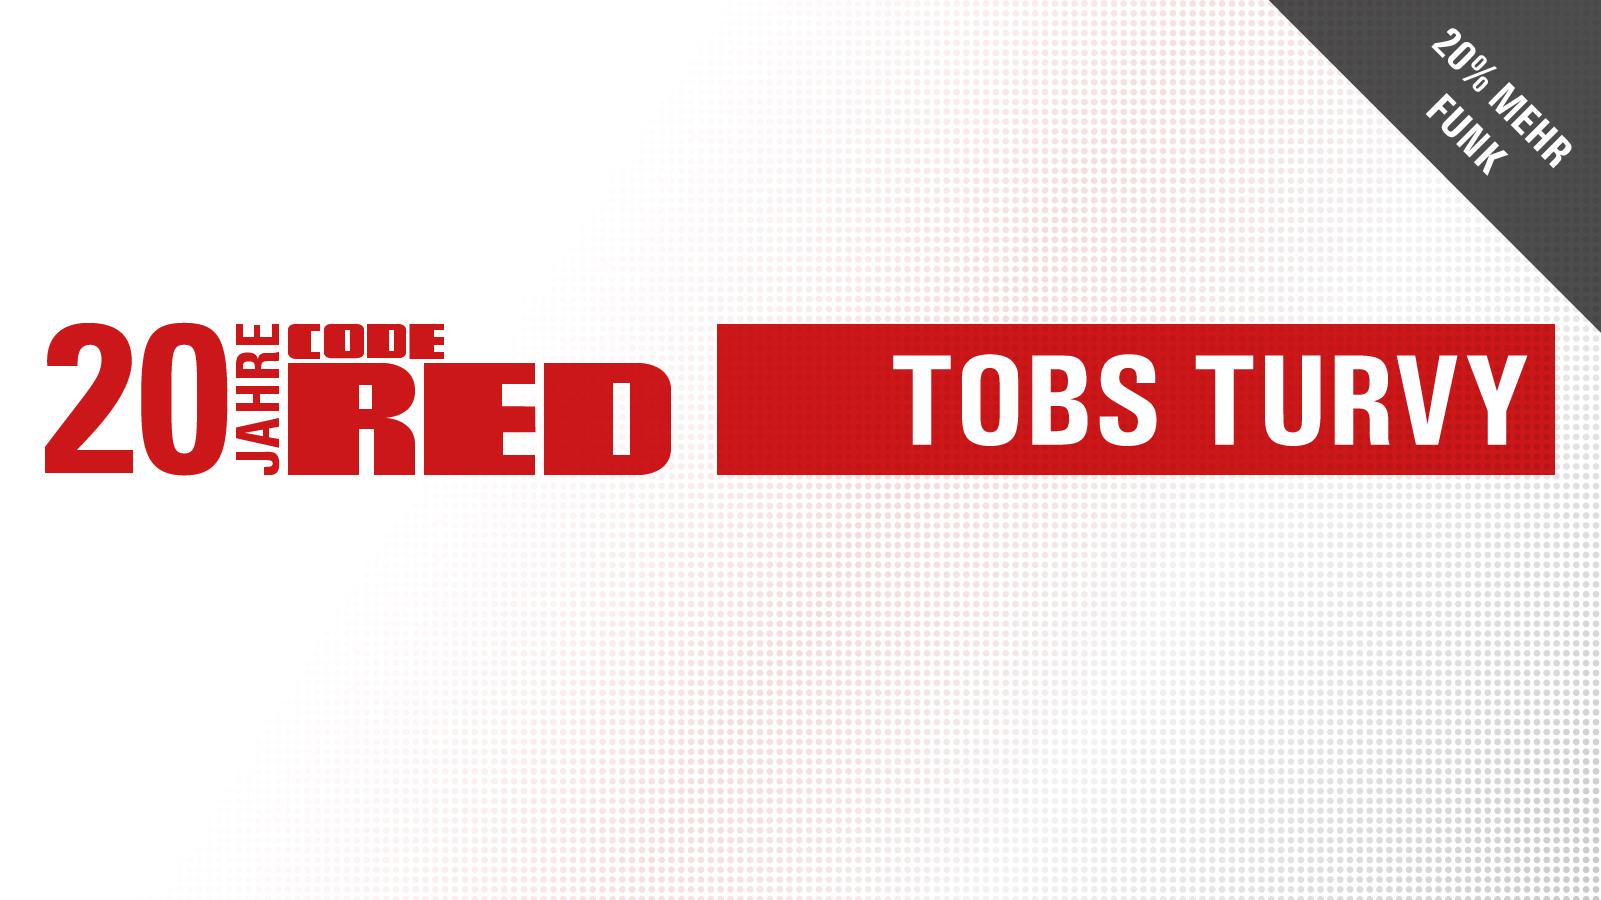 20-jahre-code-red-tobsturvy